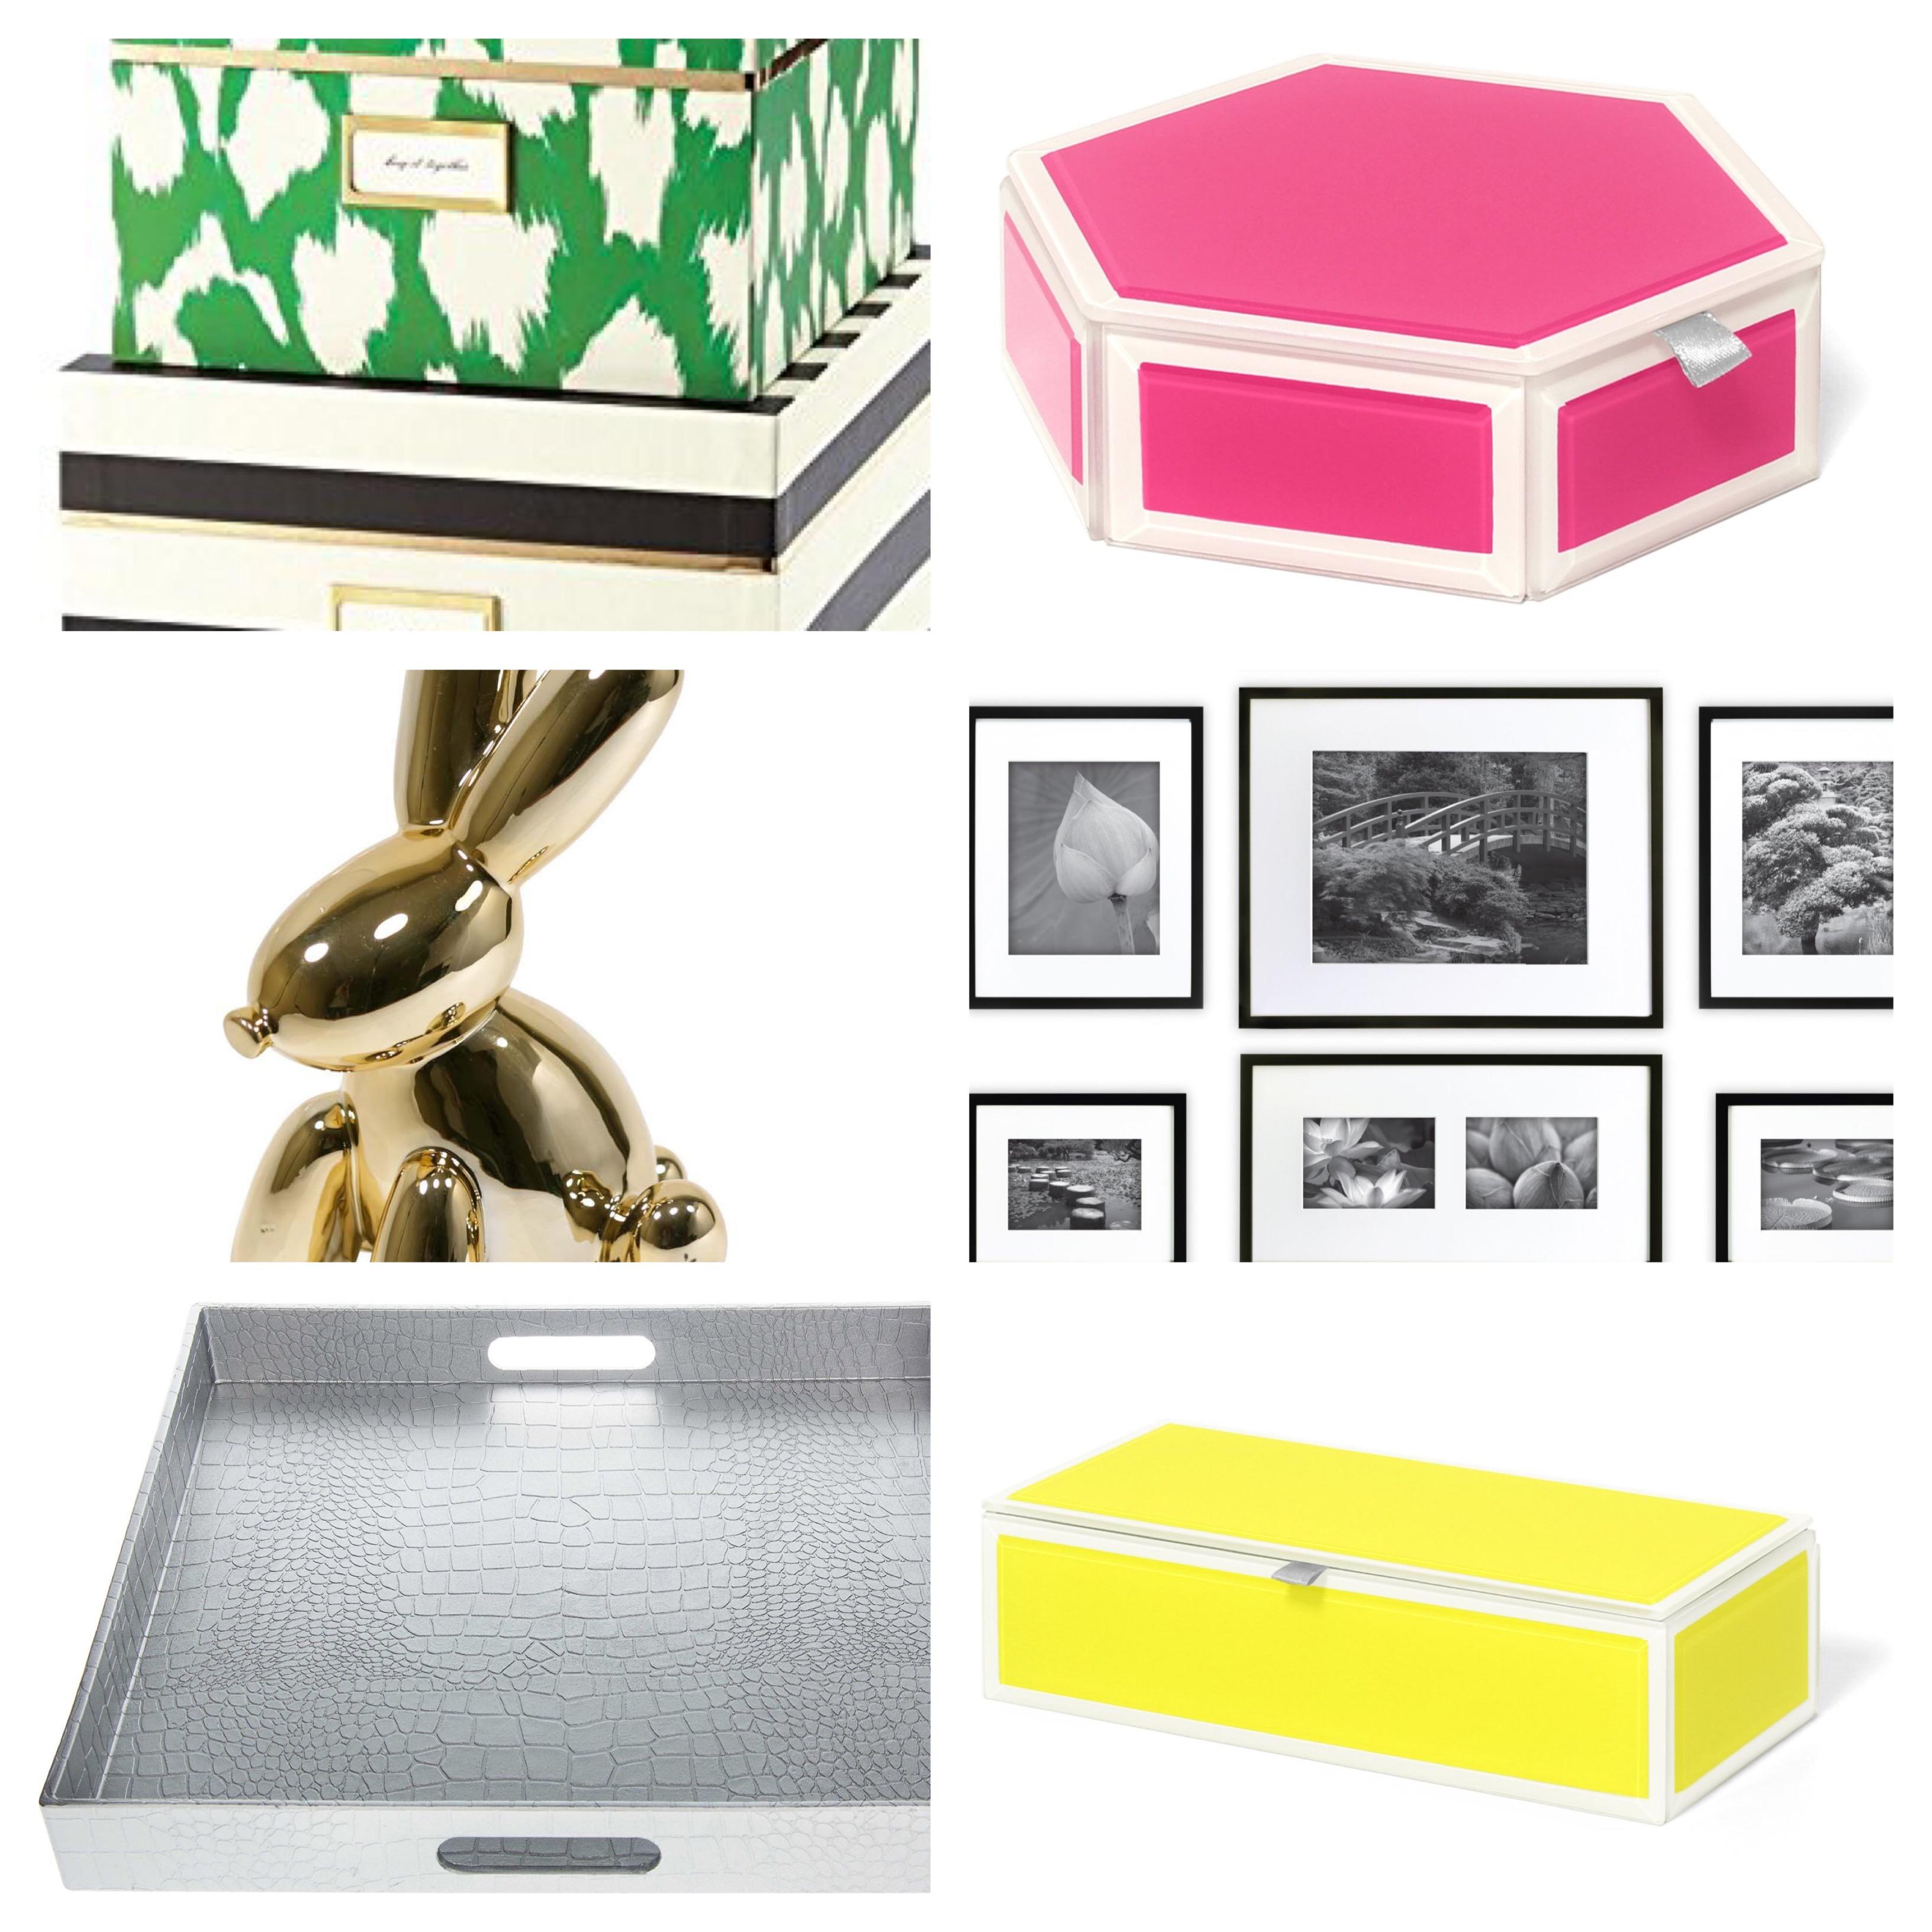 organization accessories